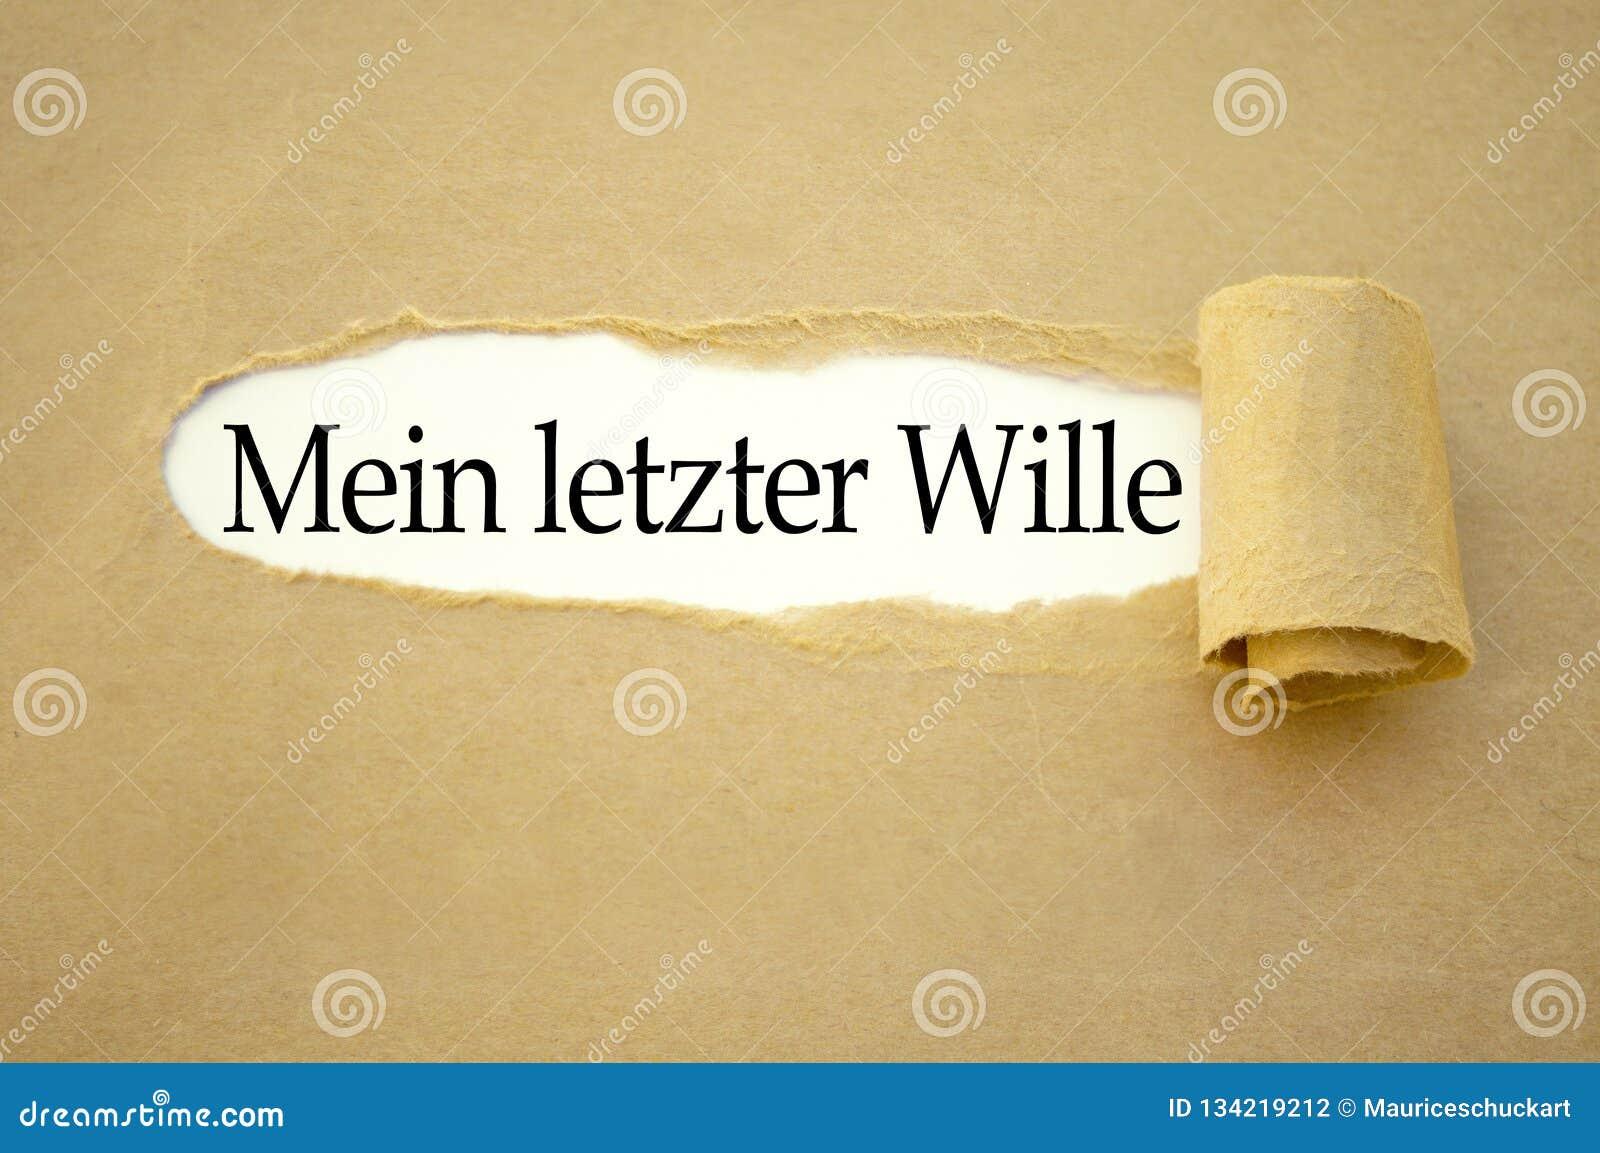 Обработка документов с немецкими словами для моей последней воли - letzter Wille mein